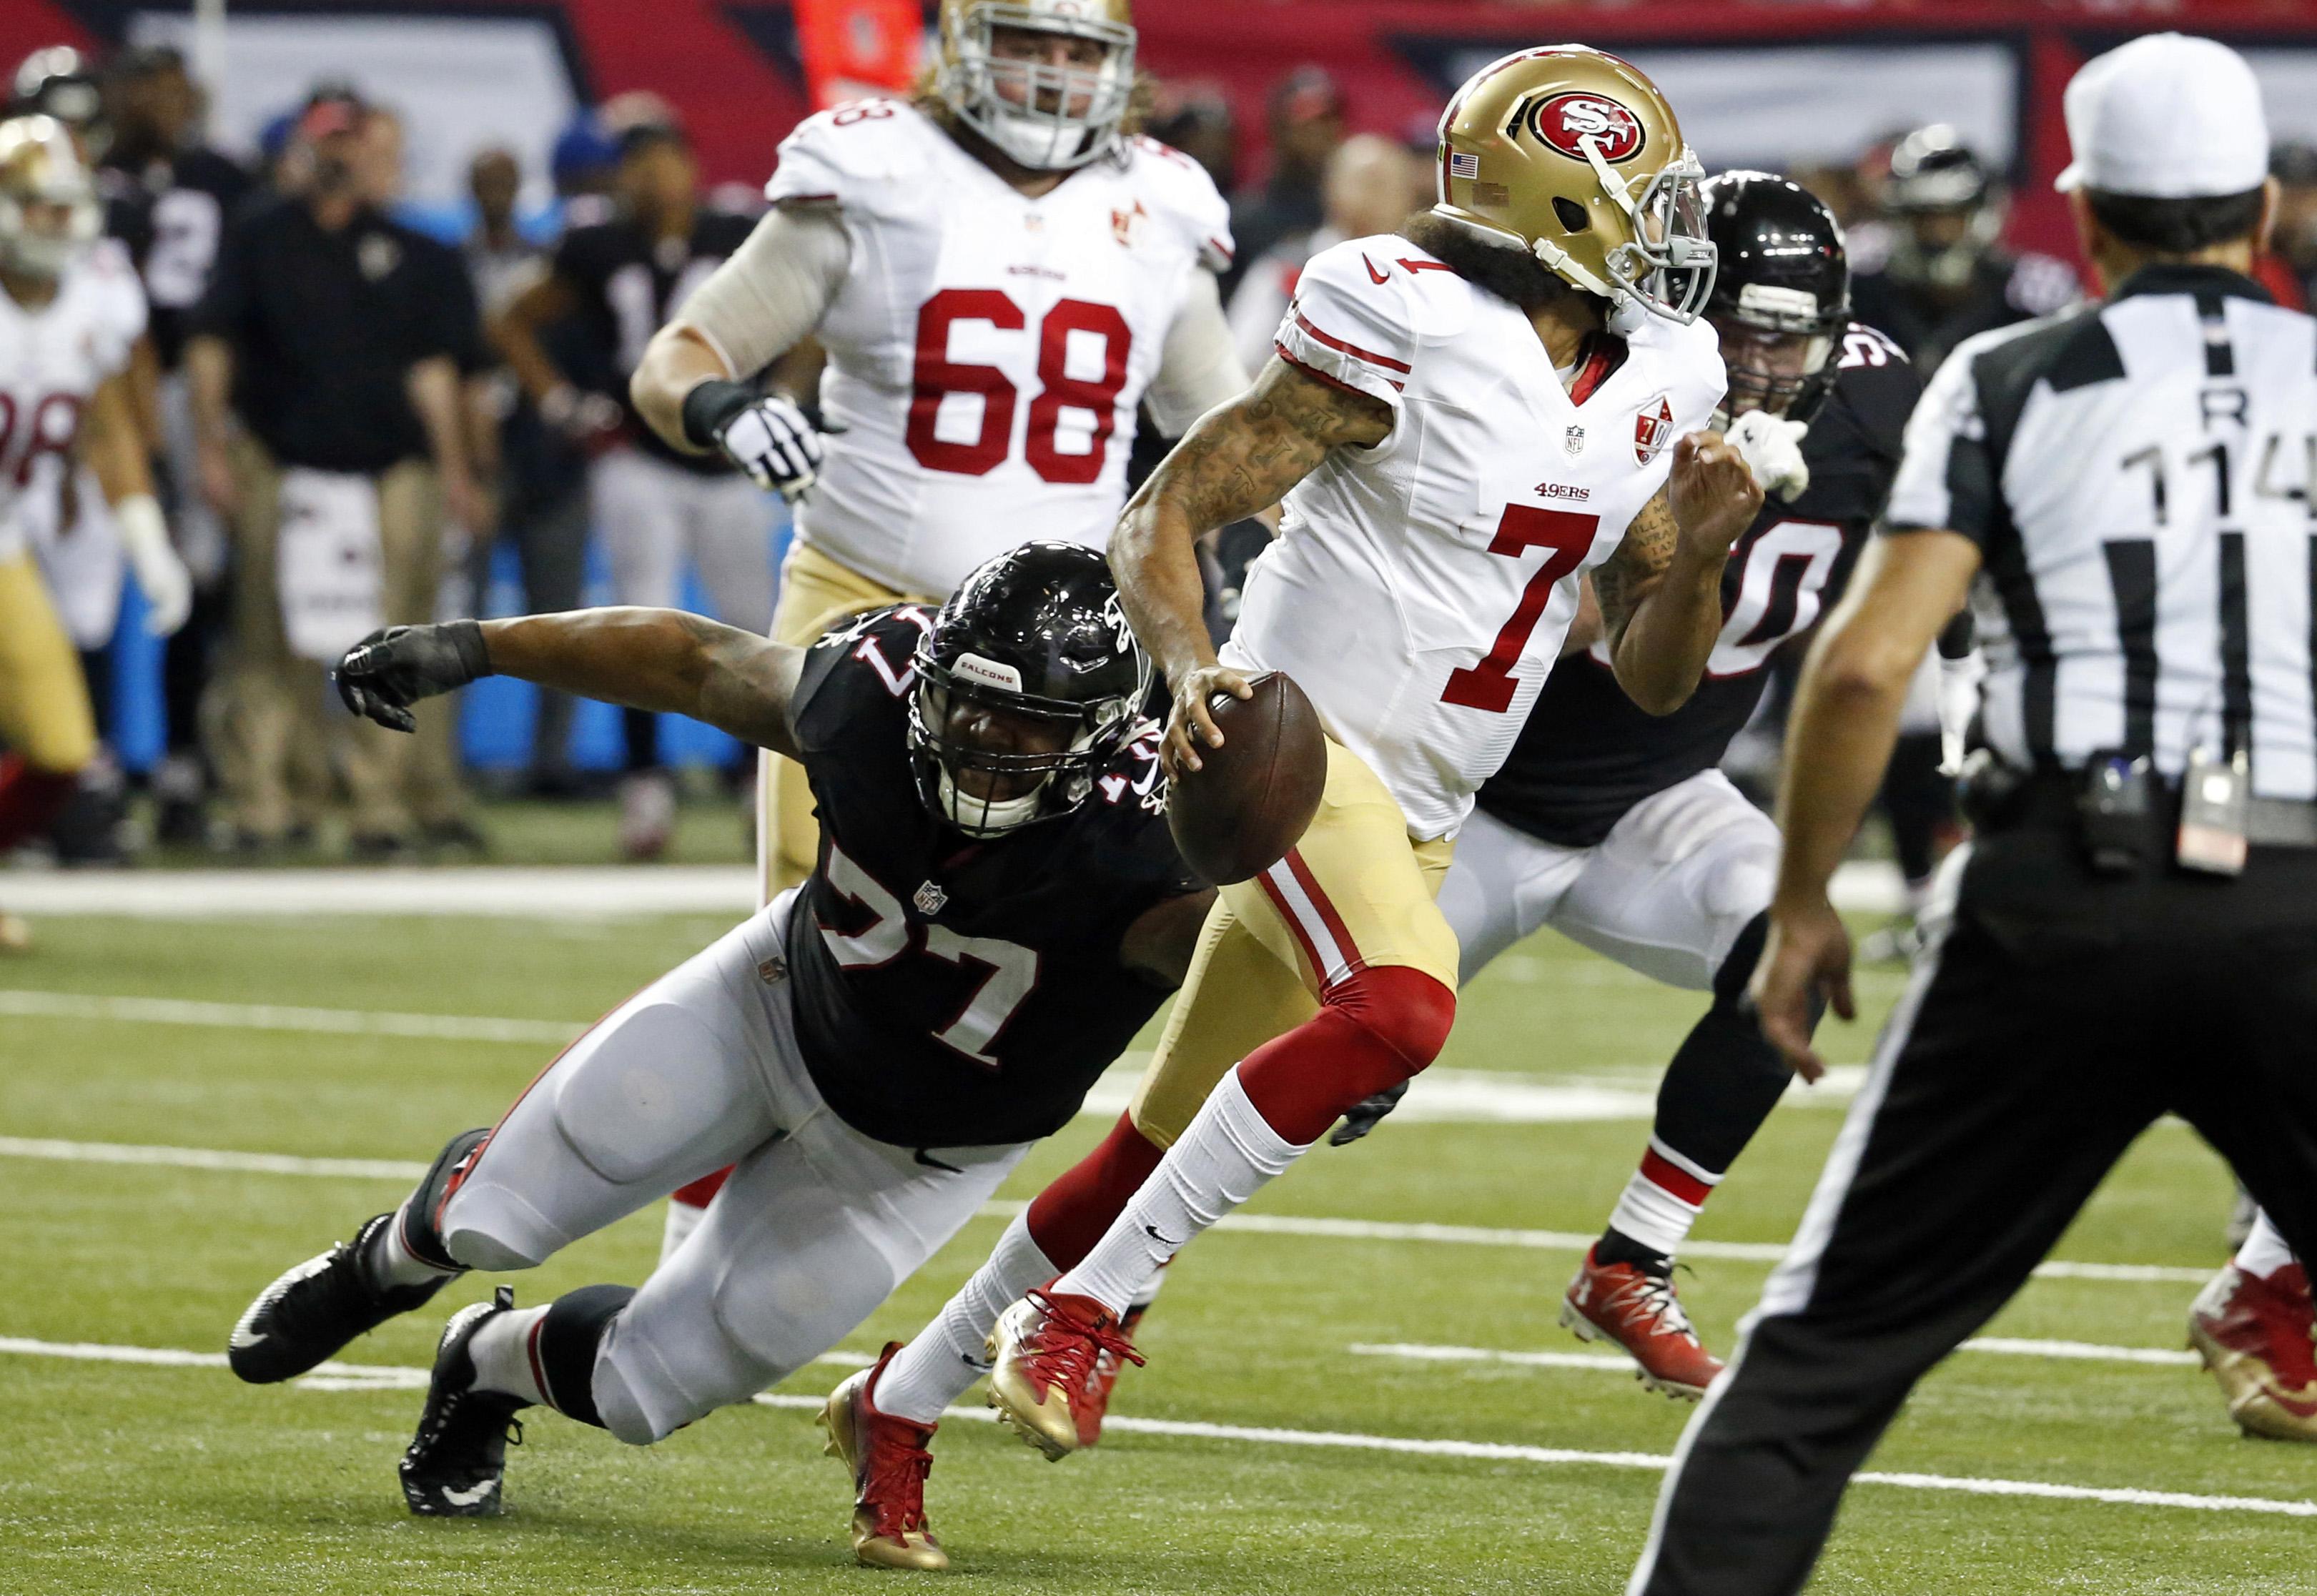 NFL: San Francisco 49ers at Atlanta Falcons